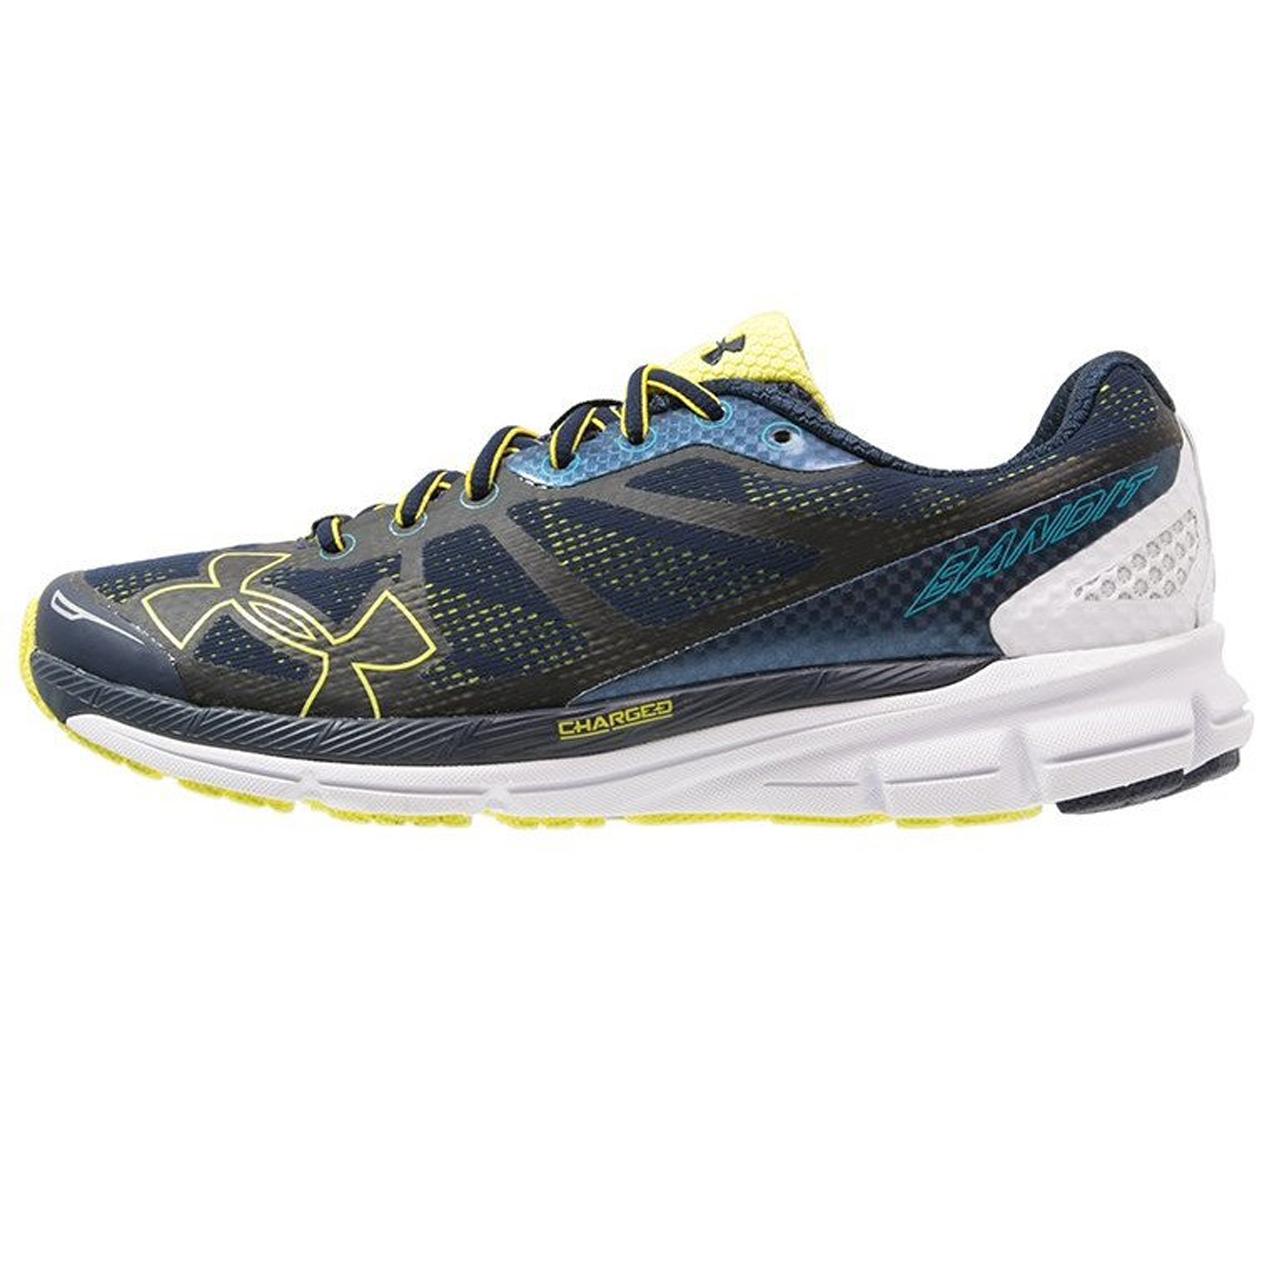 کفش ورزشی مخصوص دویدن و پیاده روی مردانه اندر ارمور مدل charged bandit